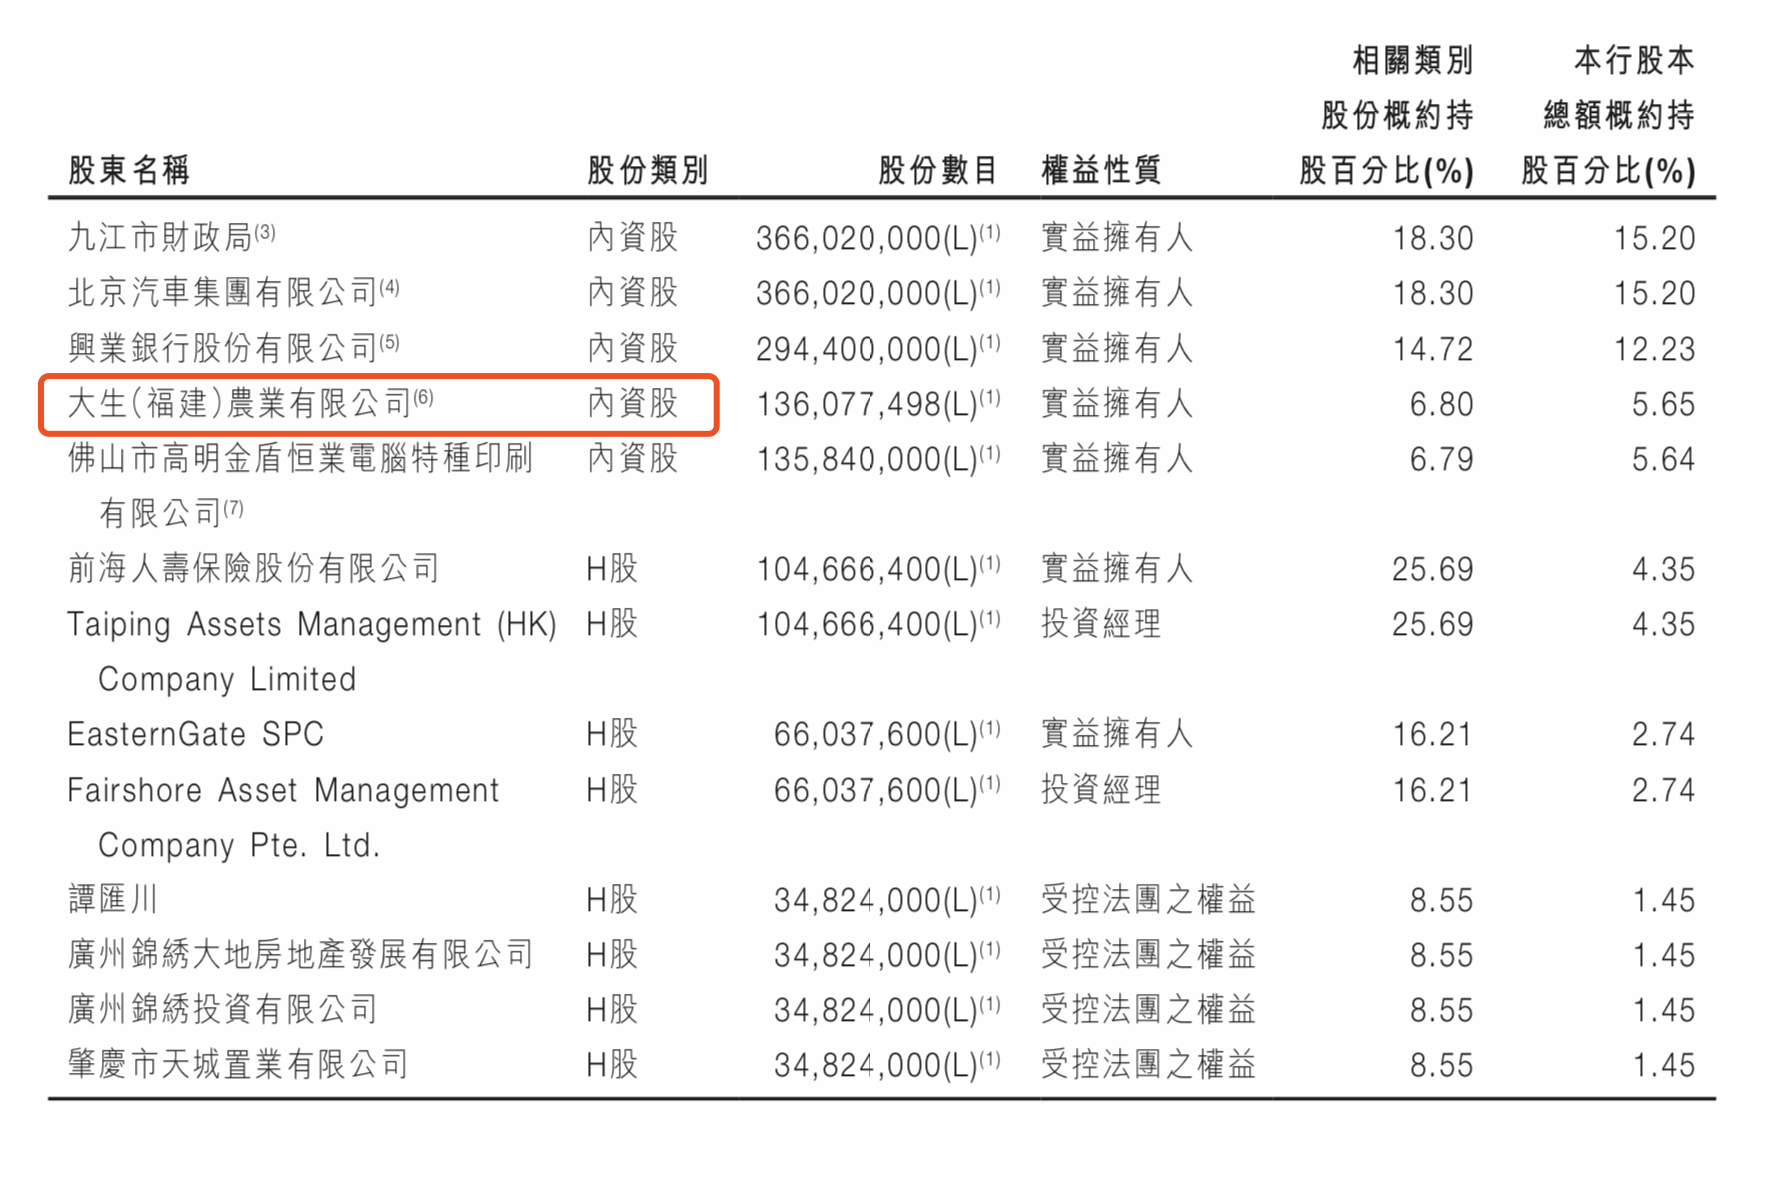 九江银行1.21亿股权被拍卖 第四大内资股东或易主